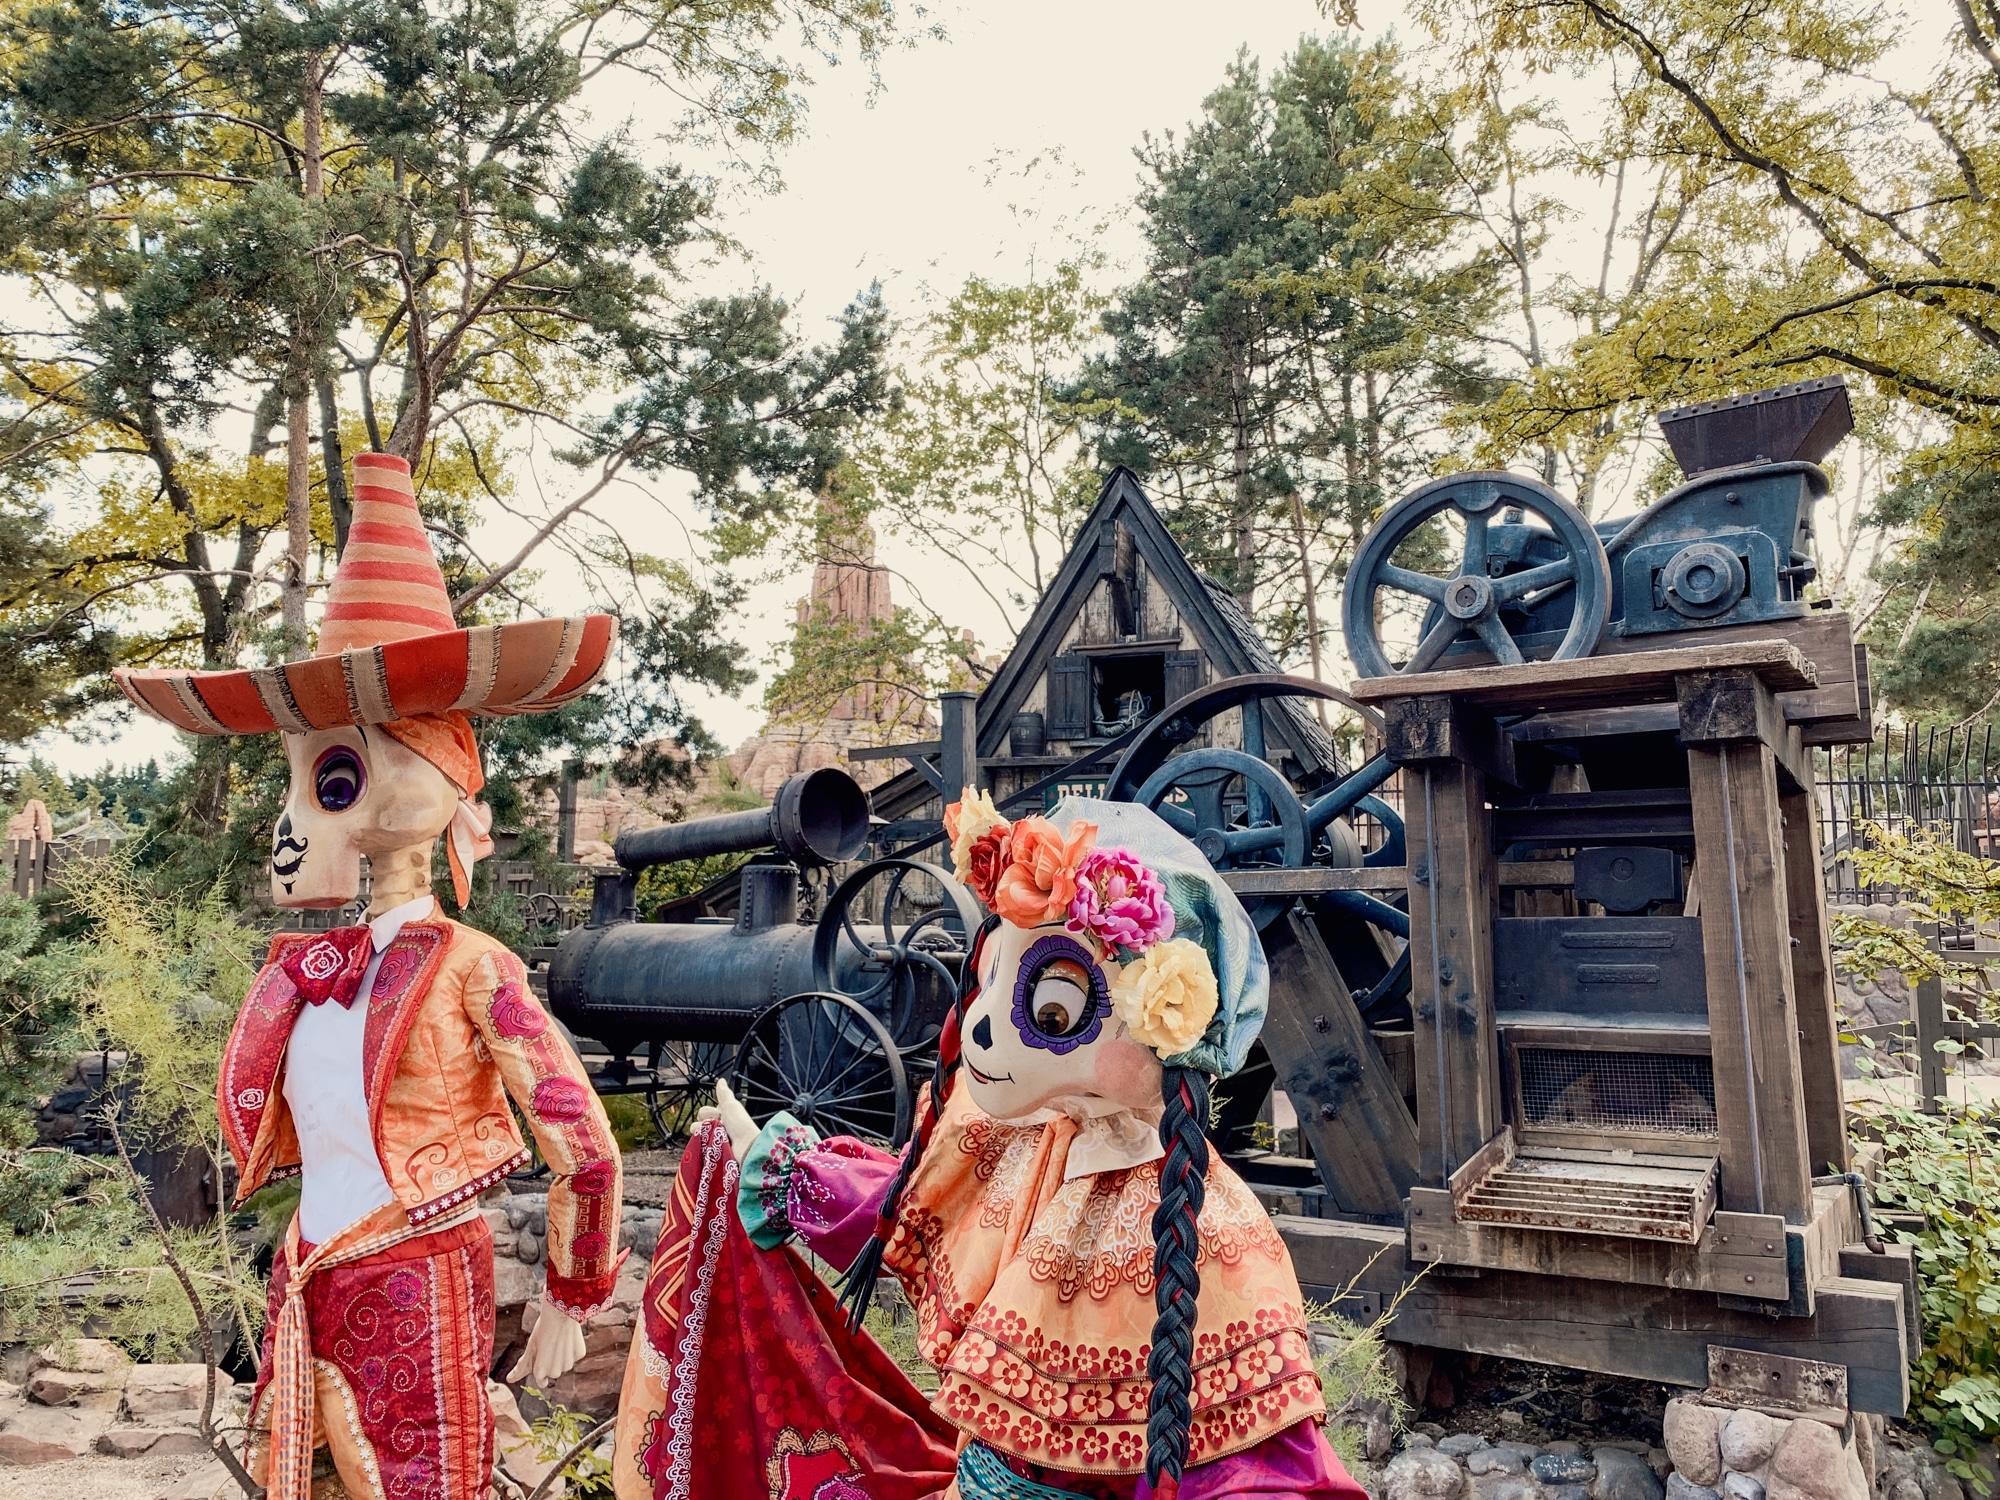 Disneyland Paris Tipps: 10 tolle Hacks für den glücklichsten Ort der Welt - Dia de los Muertos